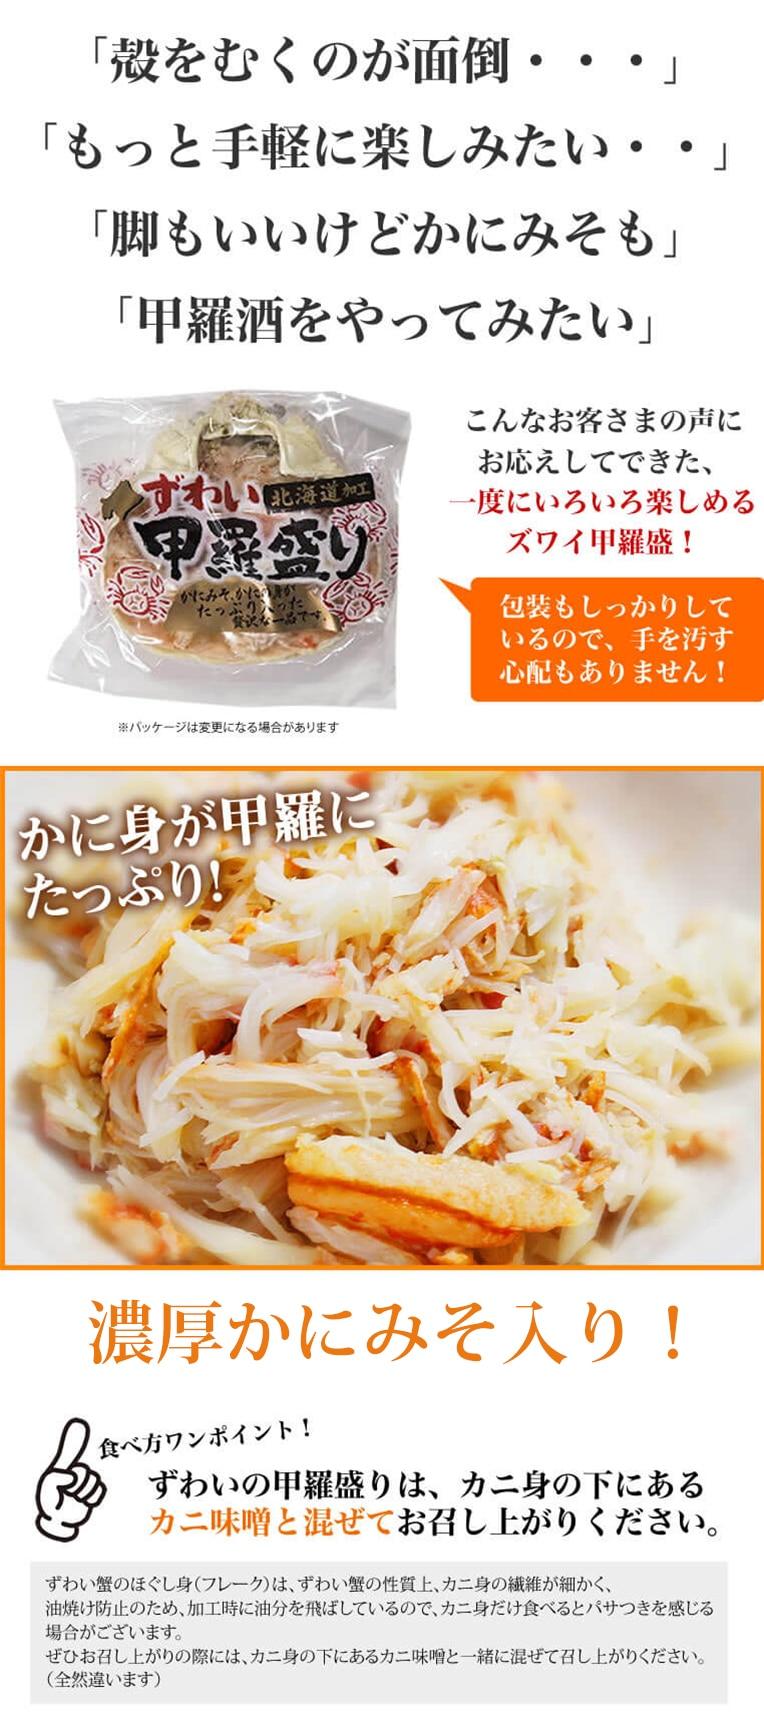 ワケナシの新鮮な原料だけを厳選し、甲羅に濃厚な「かにみそ」を入れてその上にはジューシーな「ほぐし身」と、棒肉(中脚)を乗せました!